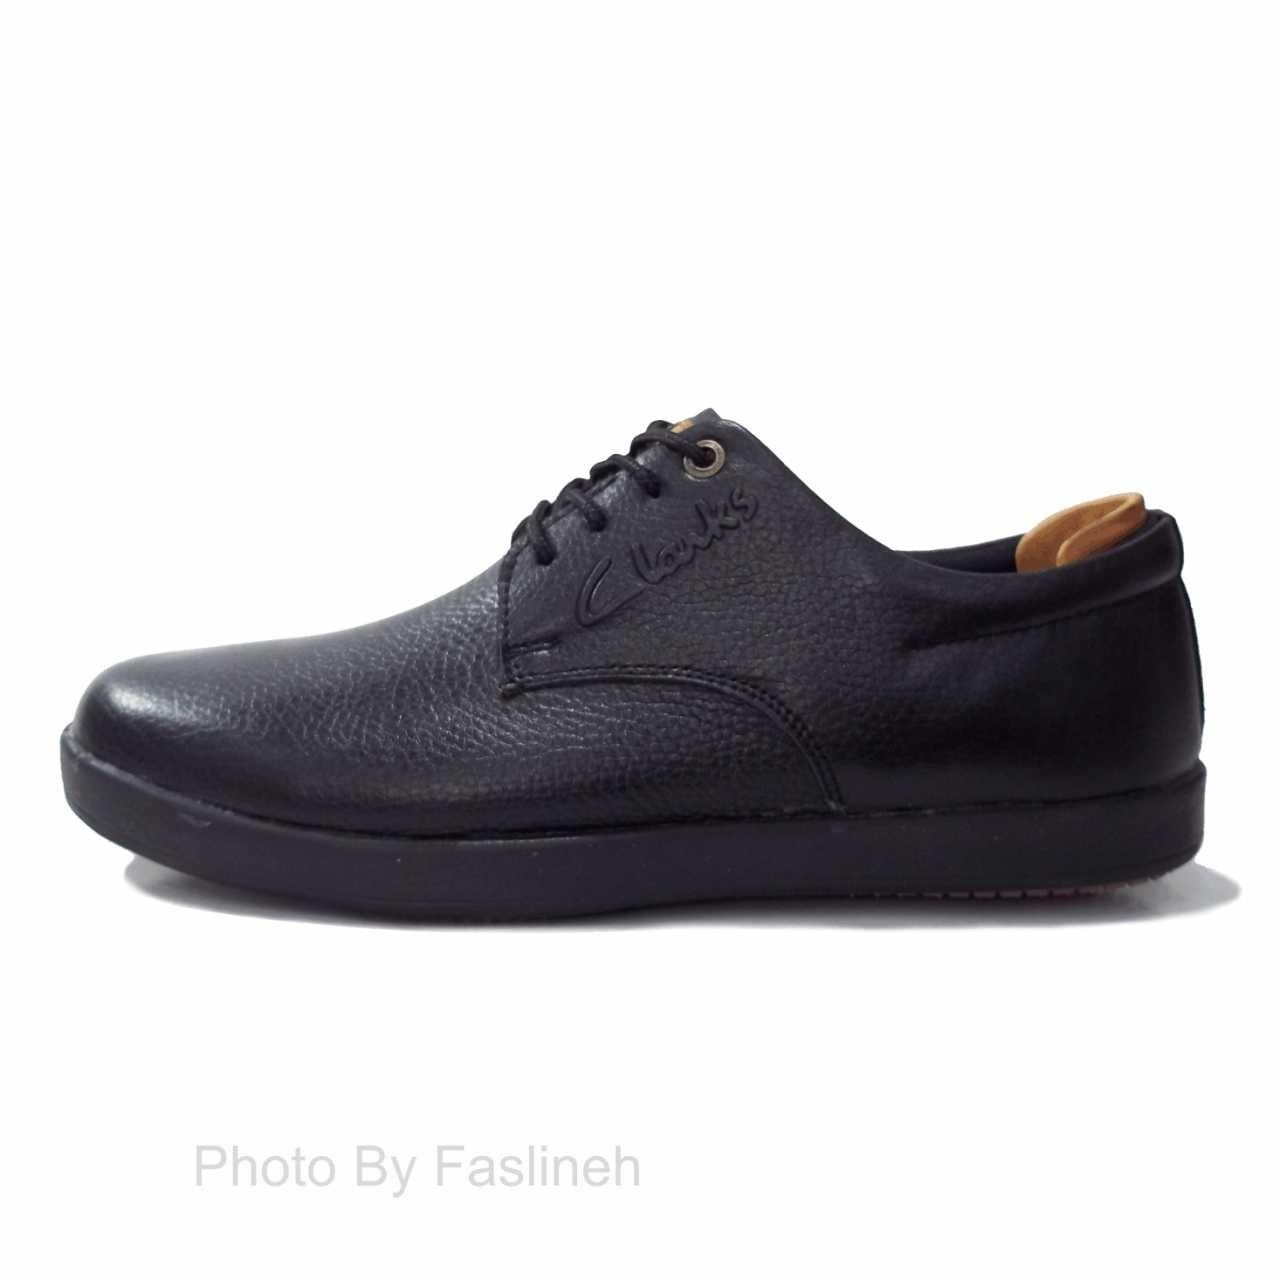 کفش چرم پالرمو مشکی